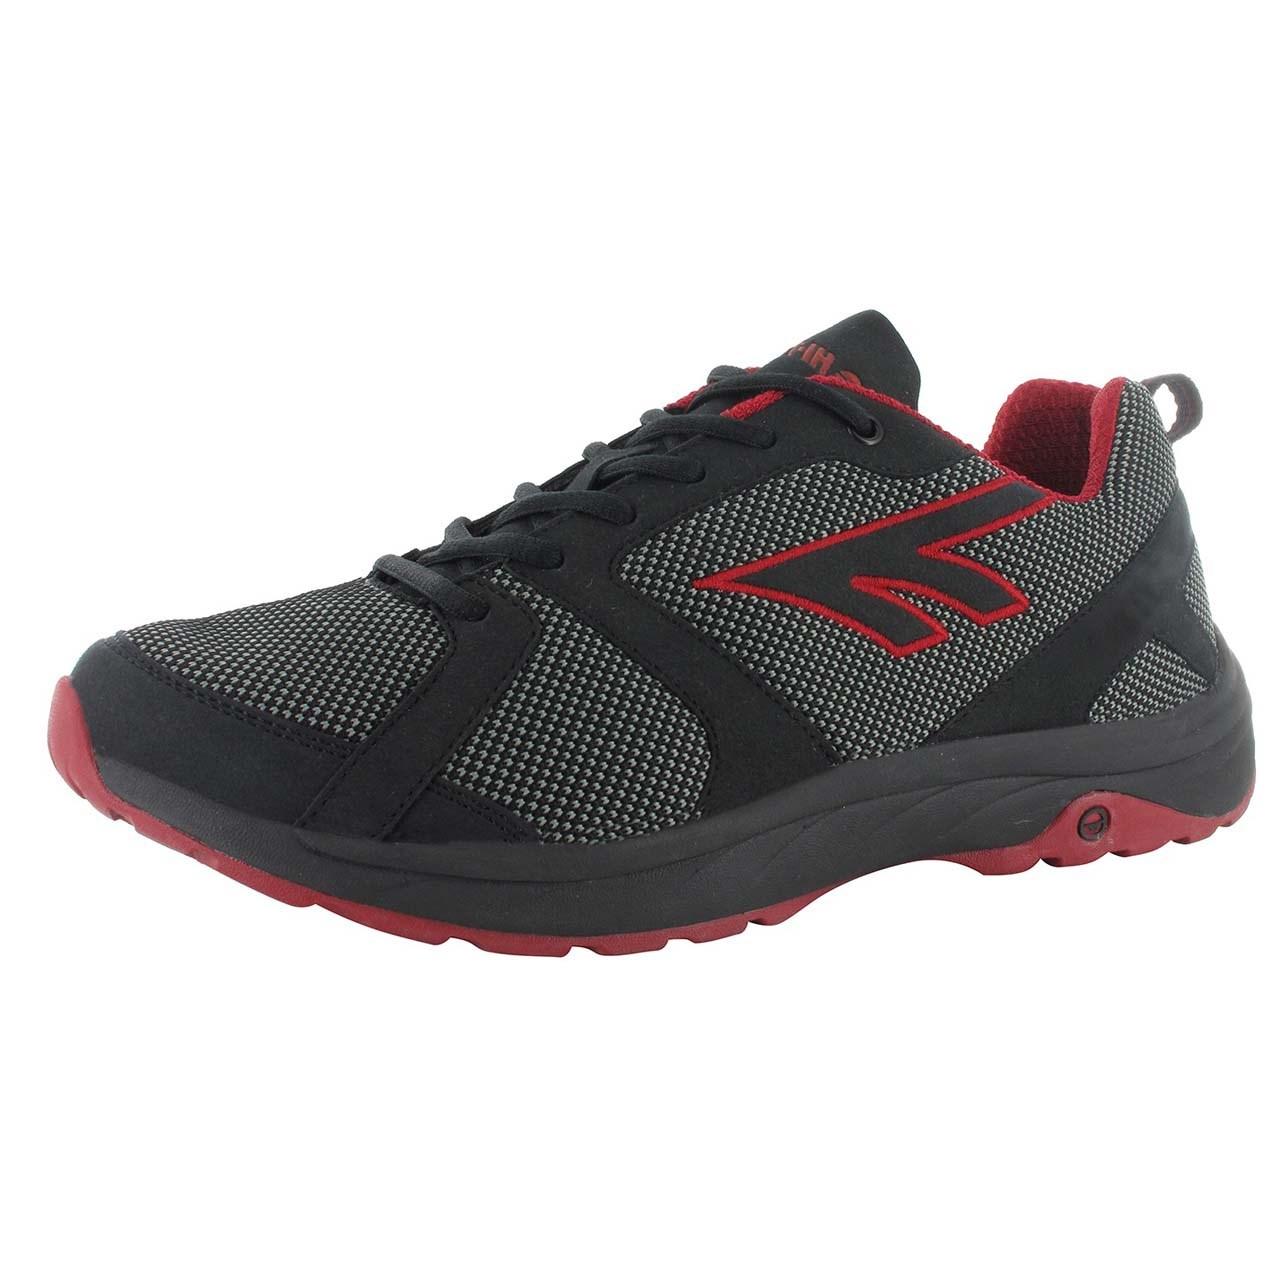 قیمت کفش مخصوص دویدن مردانه های تک مدل Haraka Trail